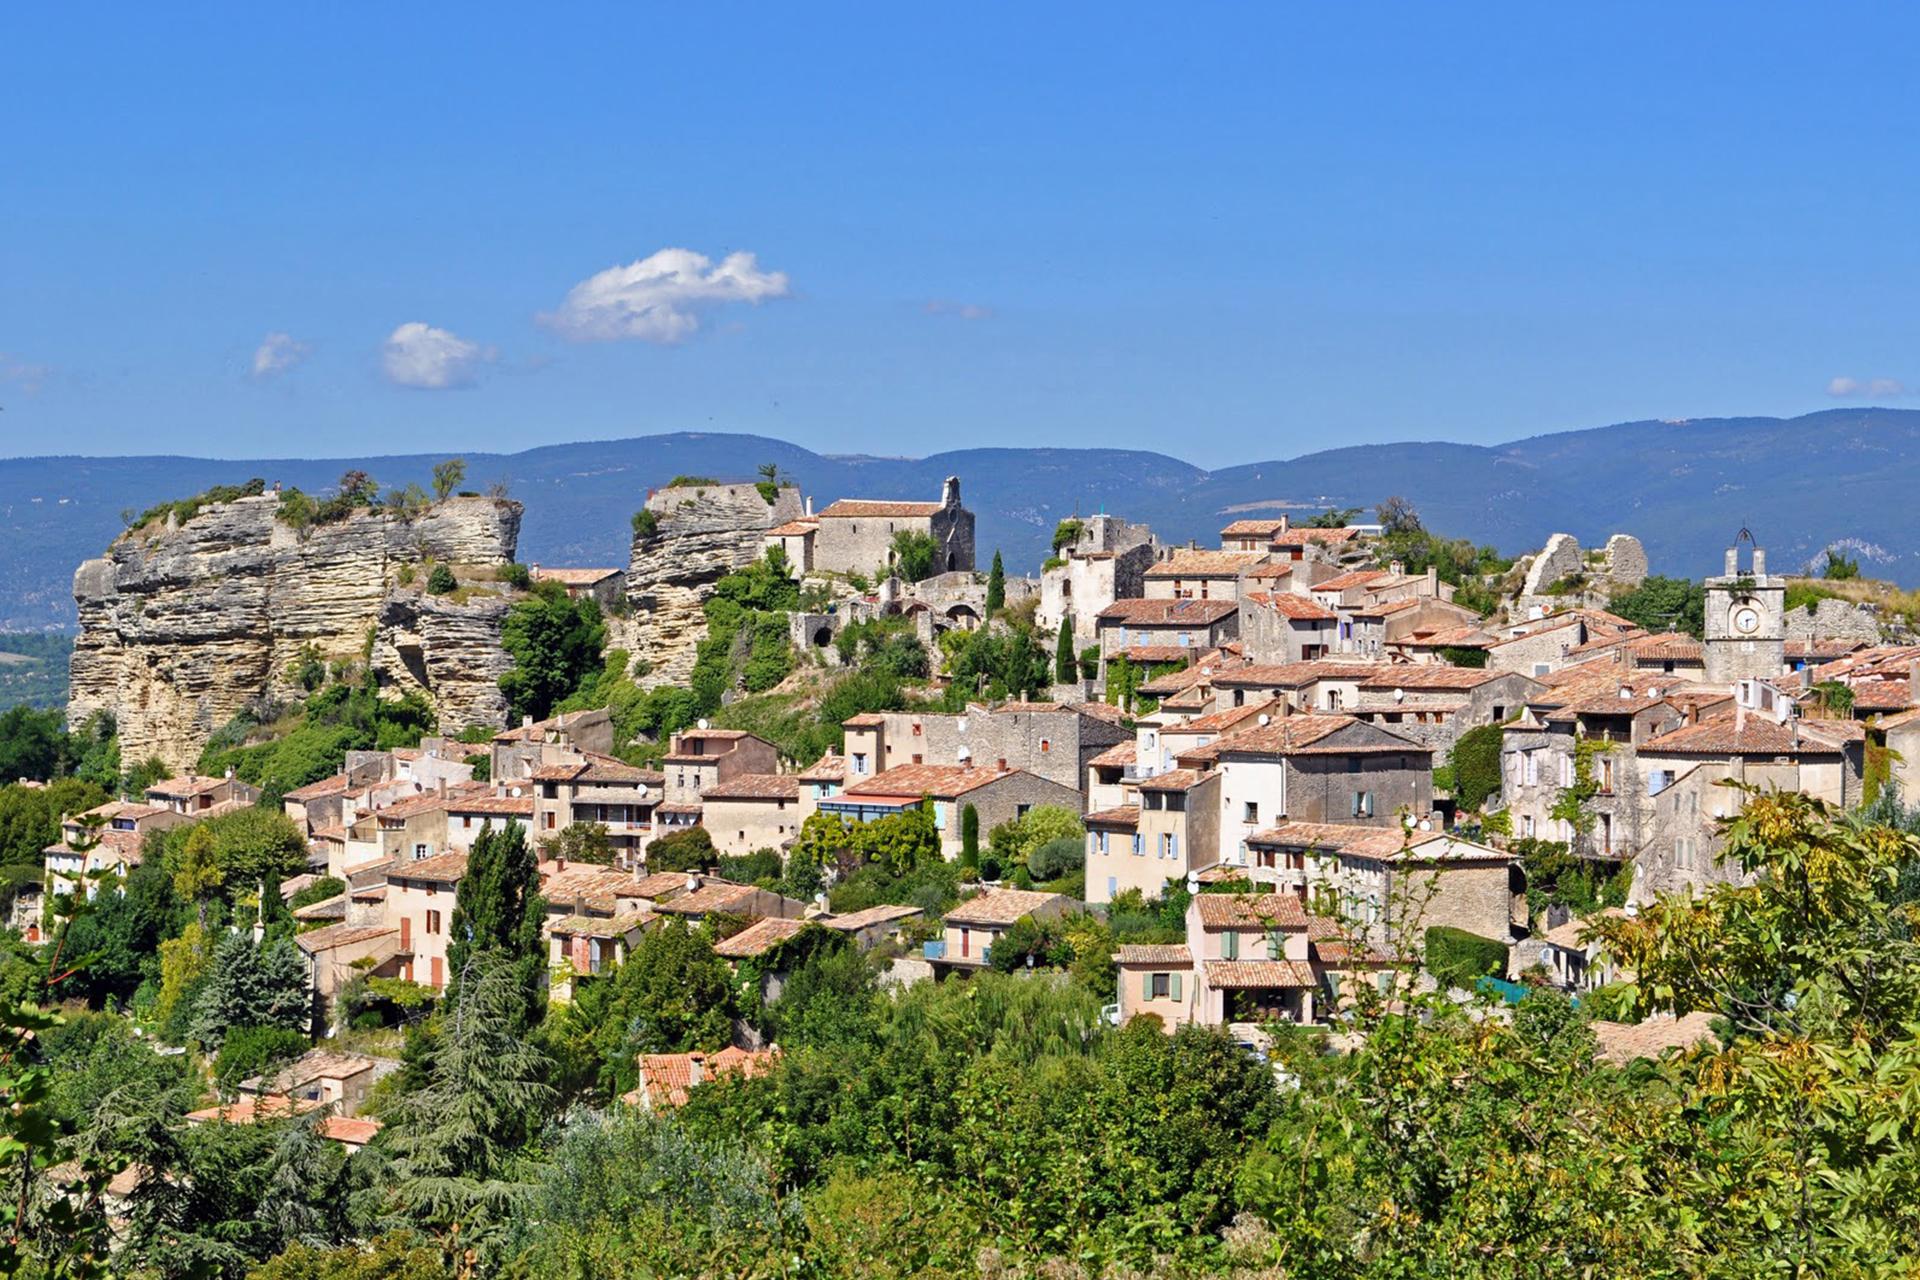 Village typique du sud de la France, maisons en pierre à flanc de colline au milieu de boisés